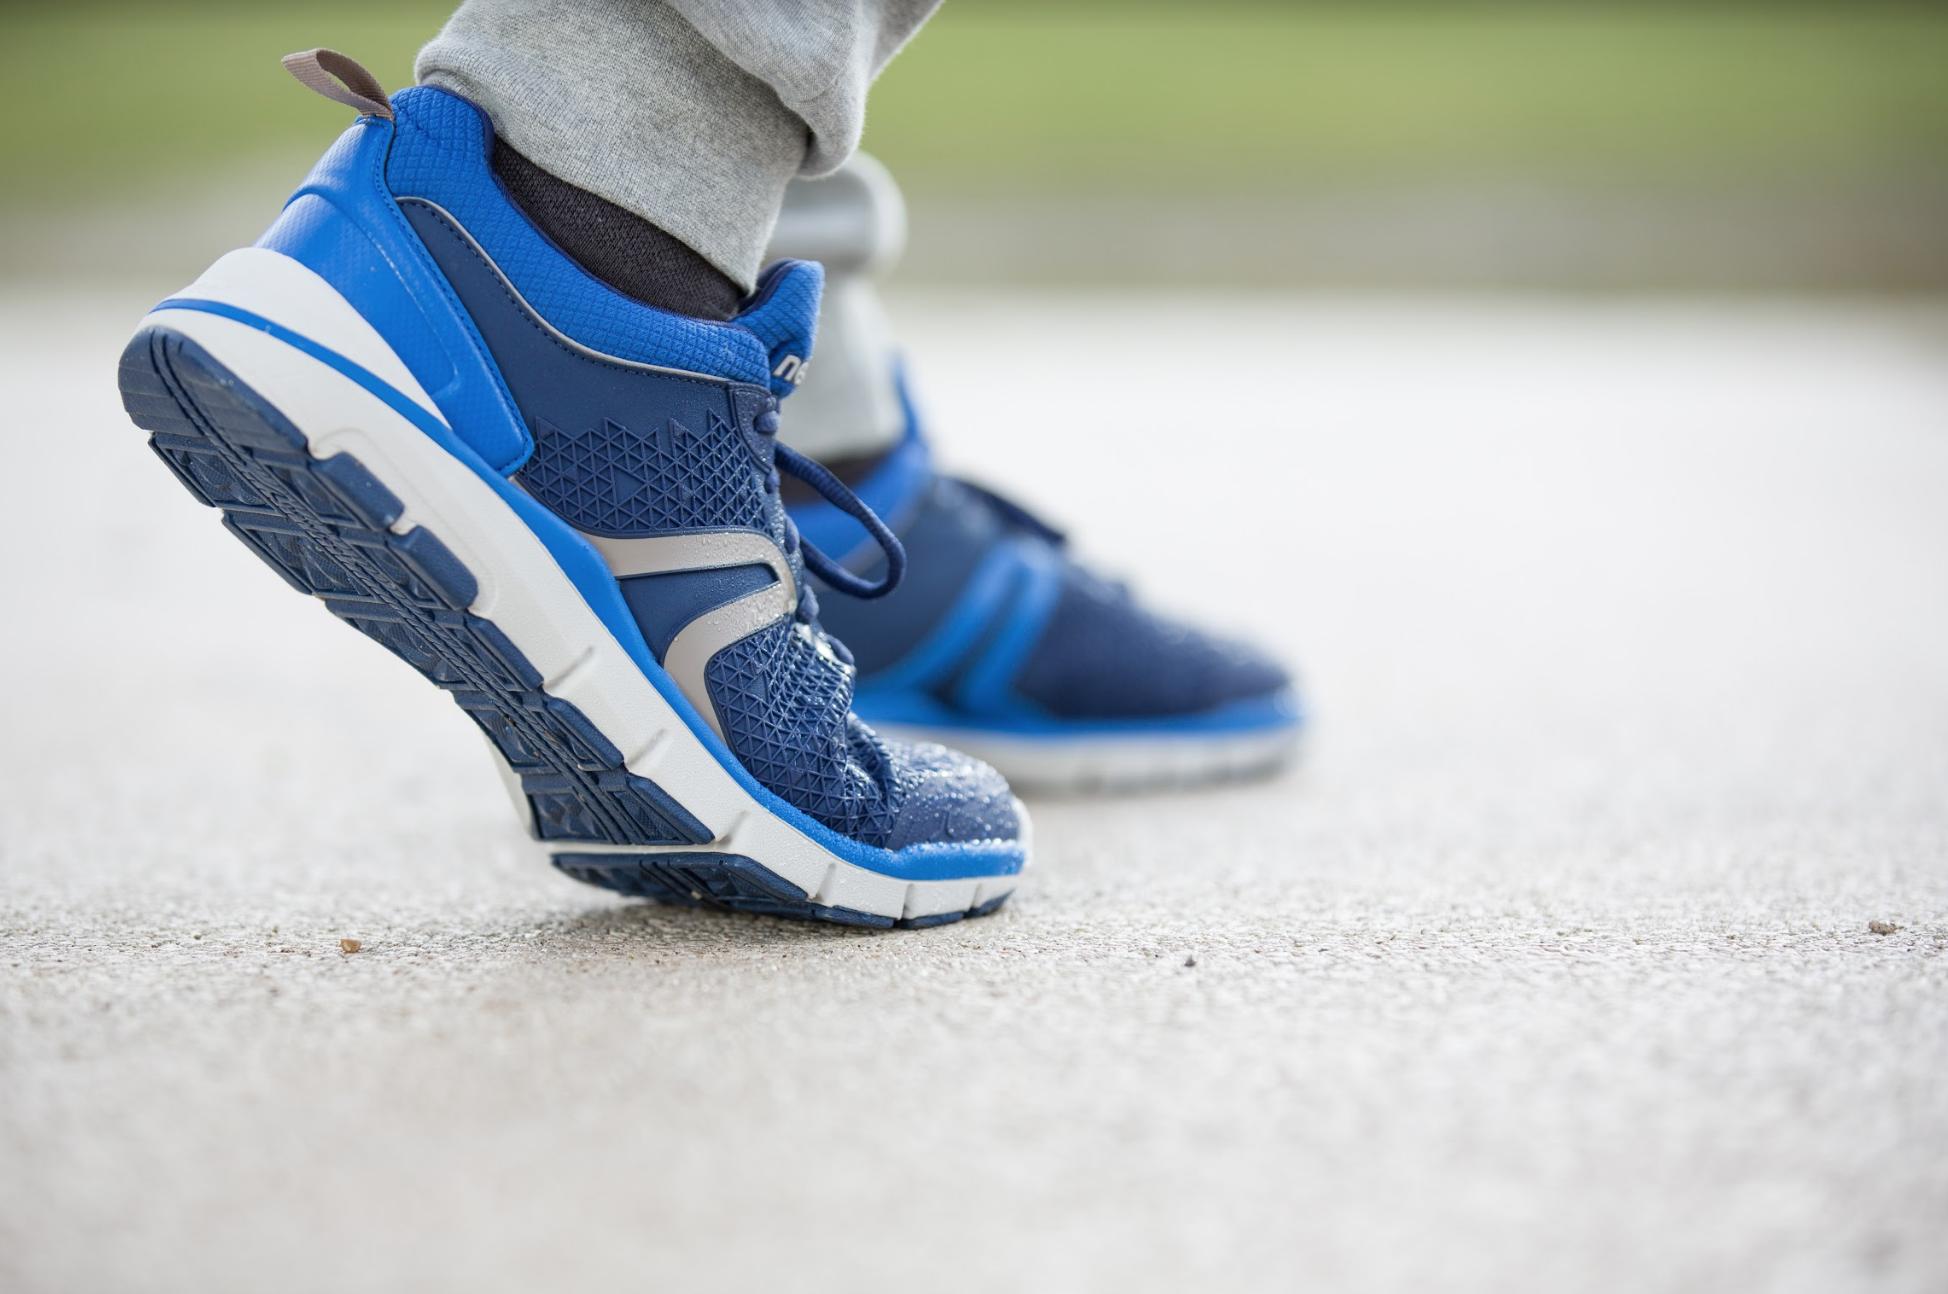 Mlrush - Chaussures De Sport Pour Les Hommes / Nouvel Équilibre Noir UnJCpuZ9gR